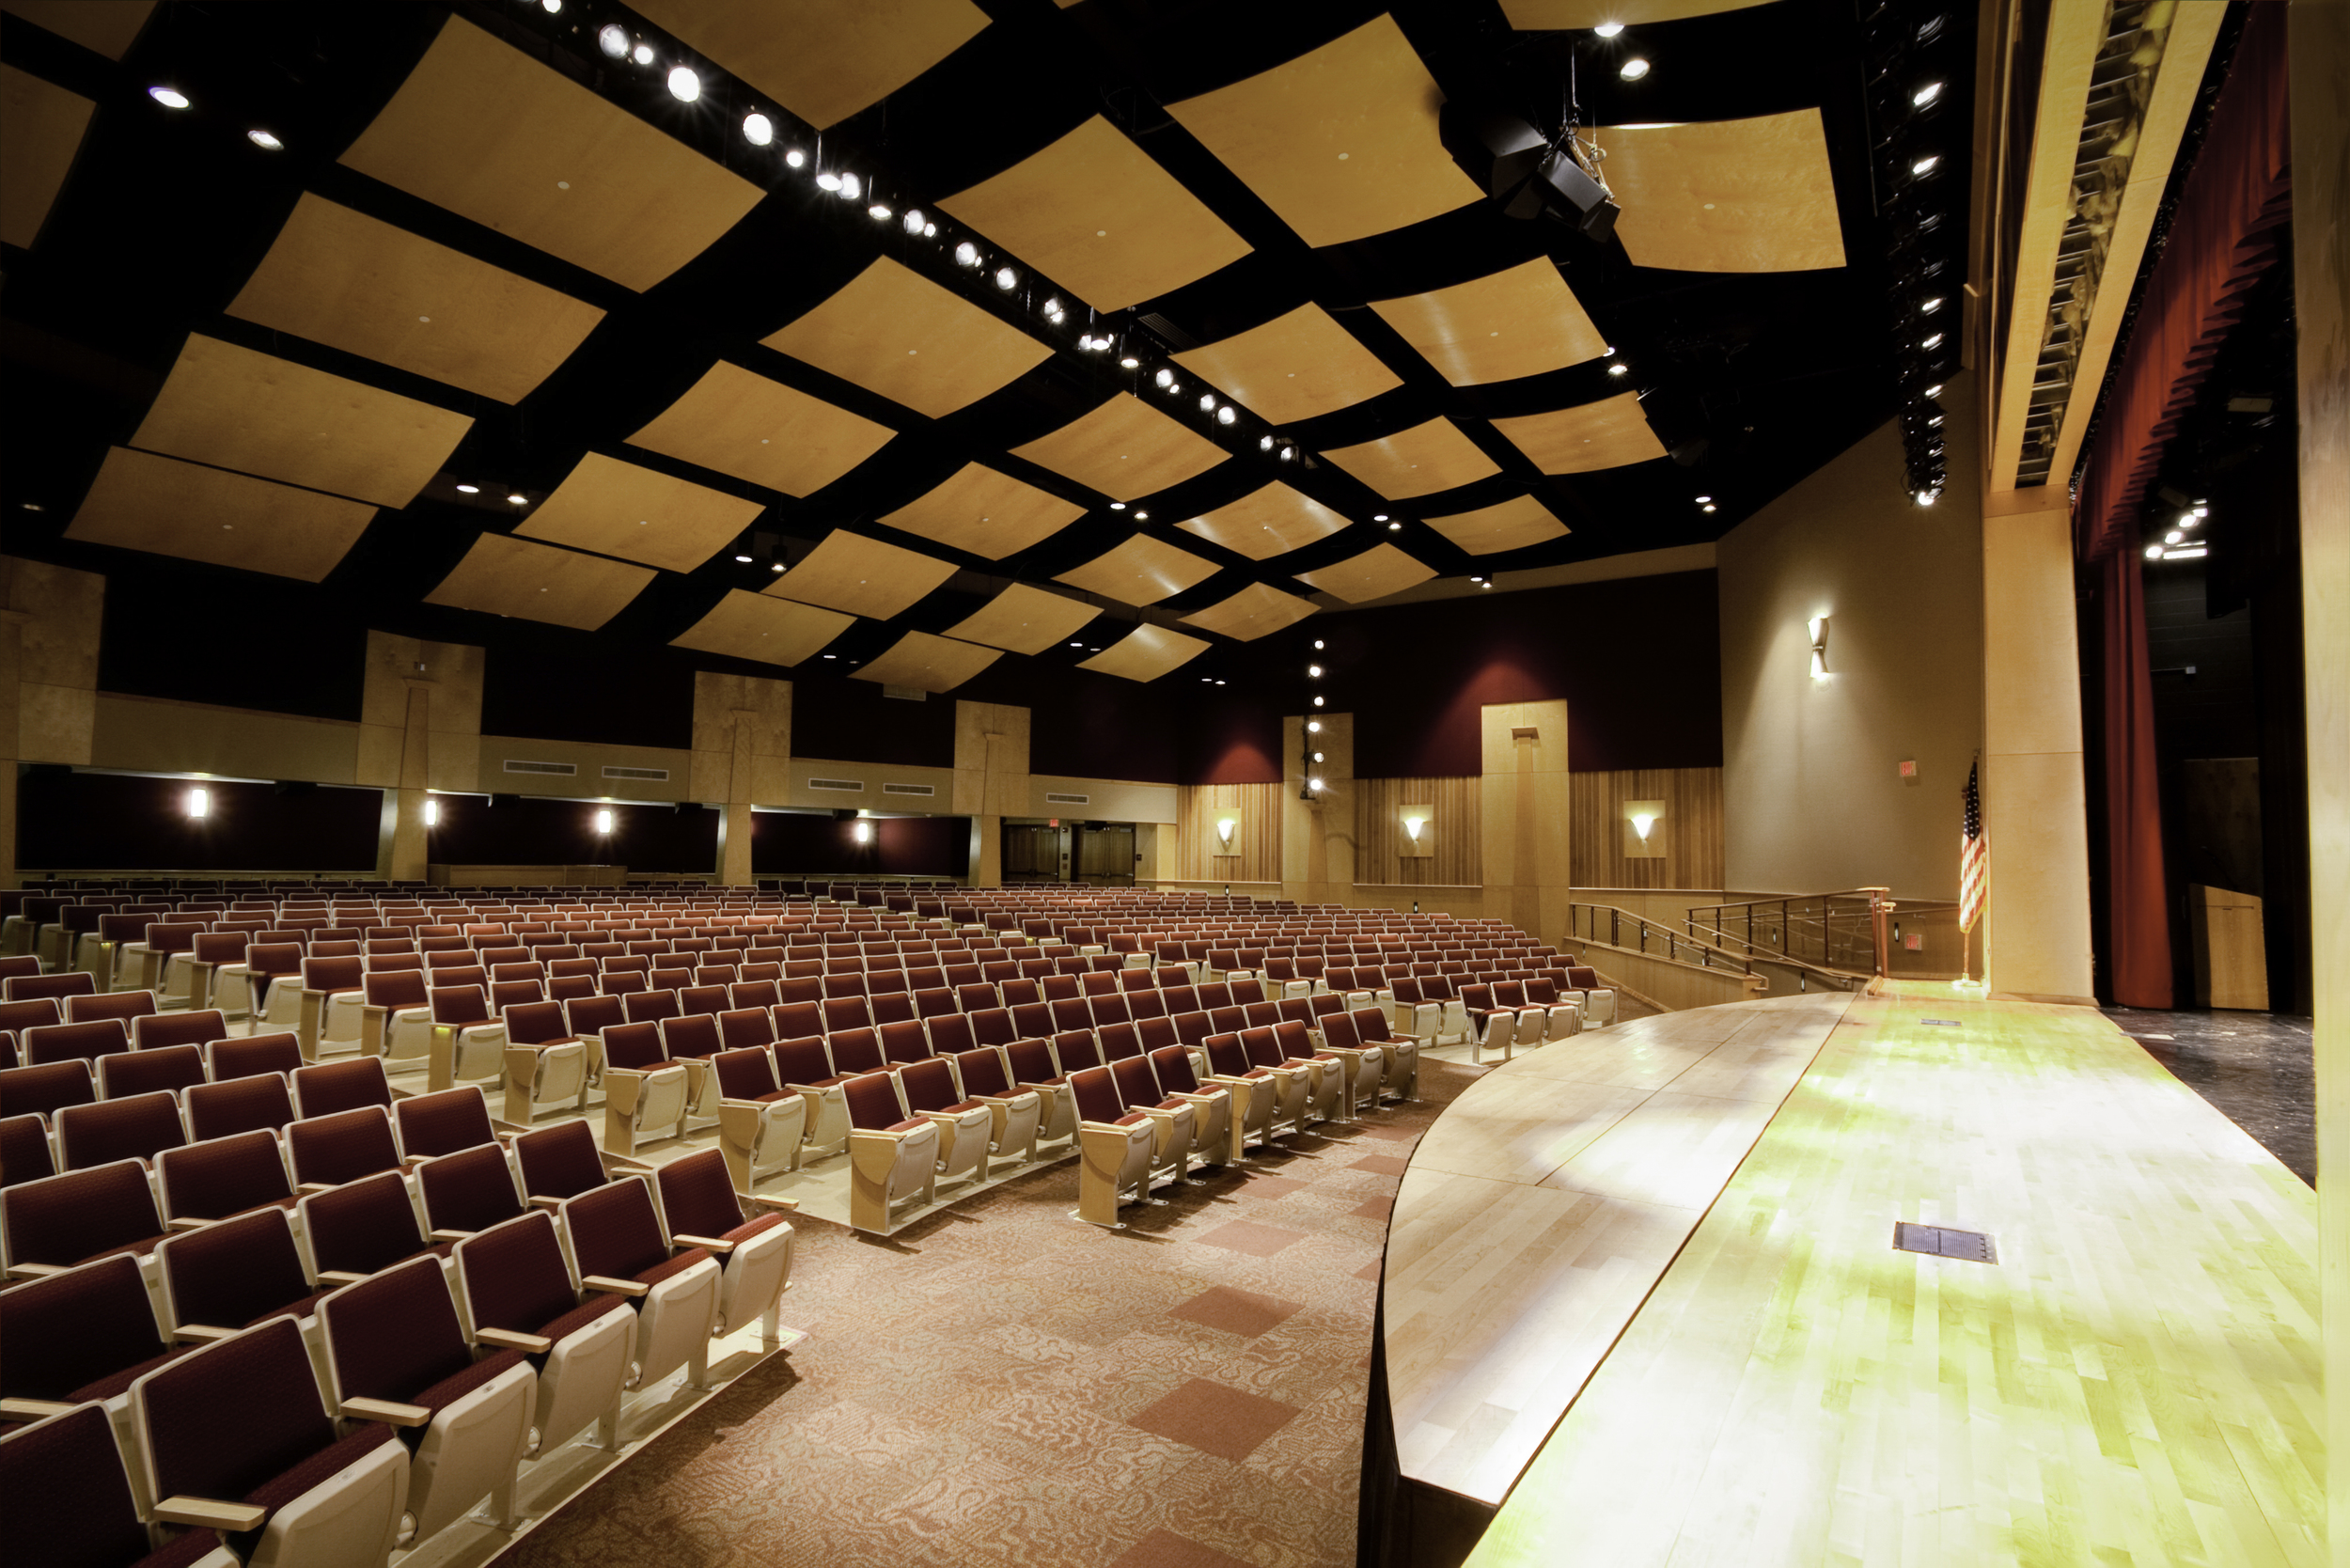 ChichesterHighSchool_Auditorium02.jpg